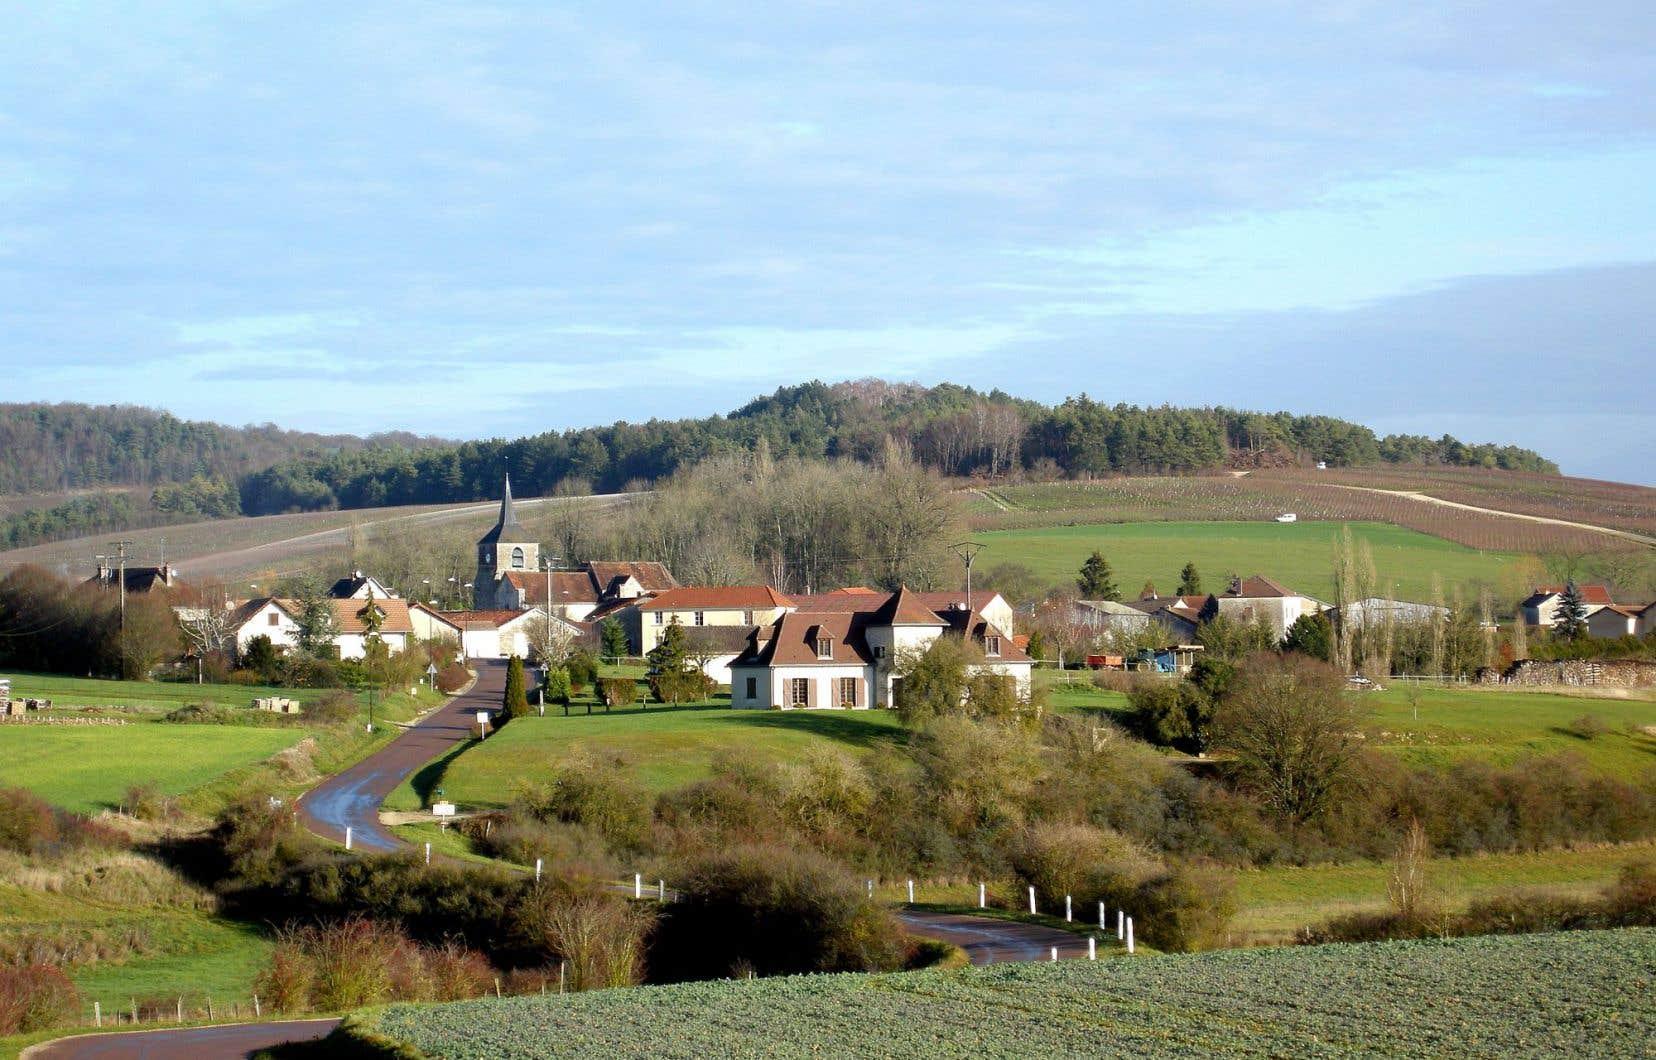 Rouvres-les-Vignes est un minuscule bourg d'à peine 200 âmes, à quelques kilomètres de Colombey-les-Deux-Églises, là où naquit et mourut l'illustrissime Charles de Gaulle.